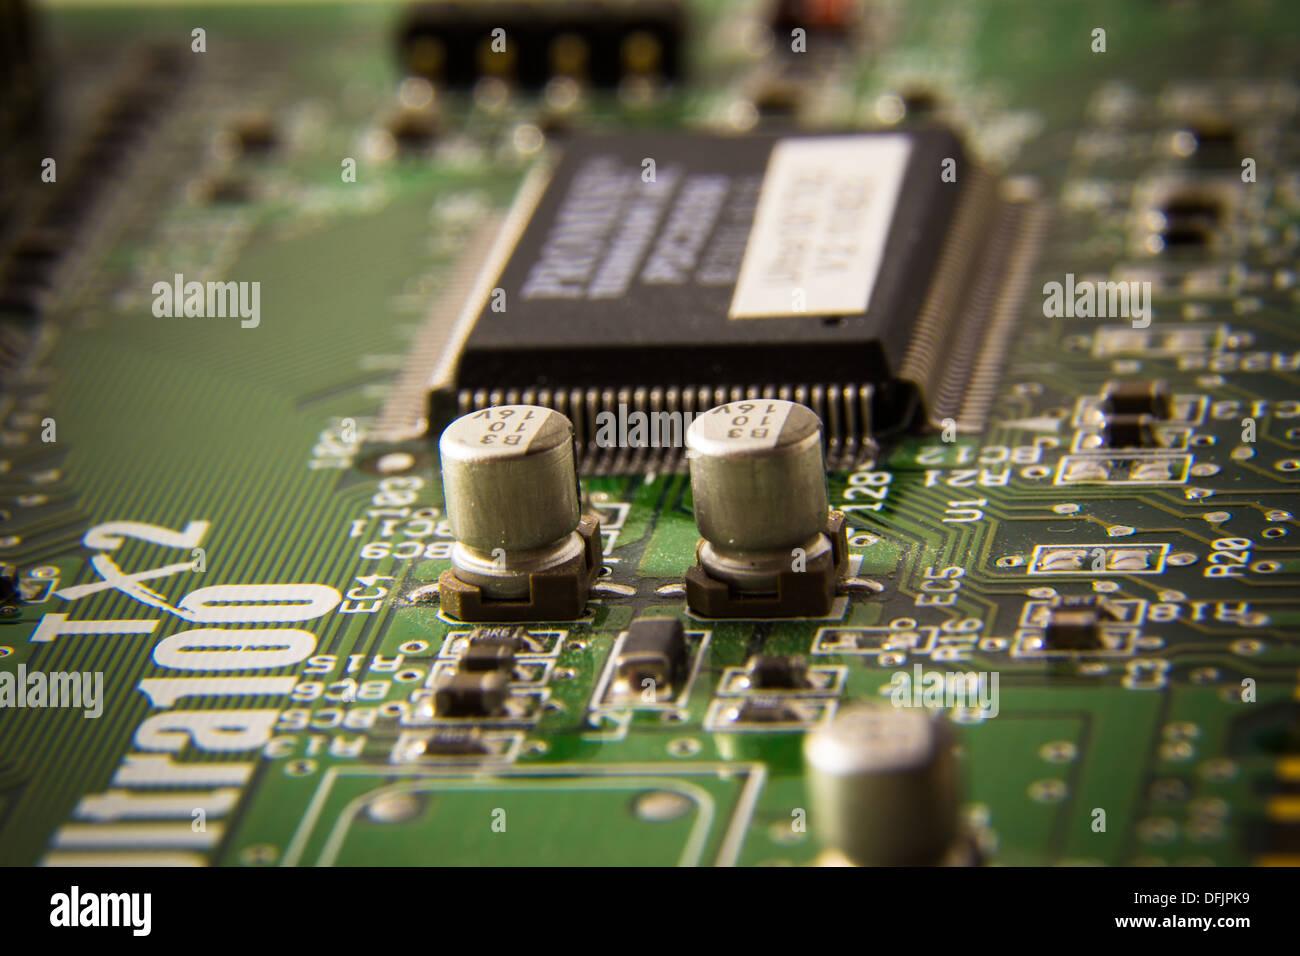 Makroaufnahme einer Computer-platine Stockbild